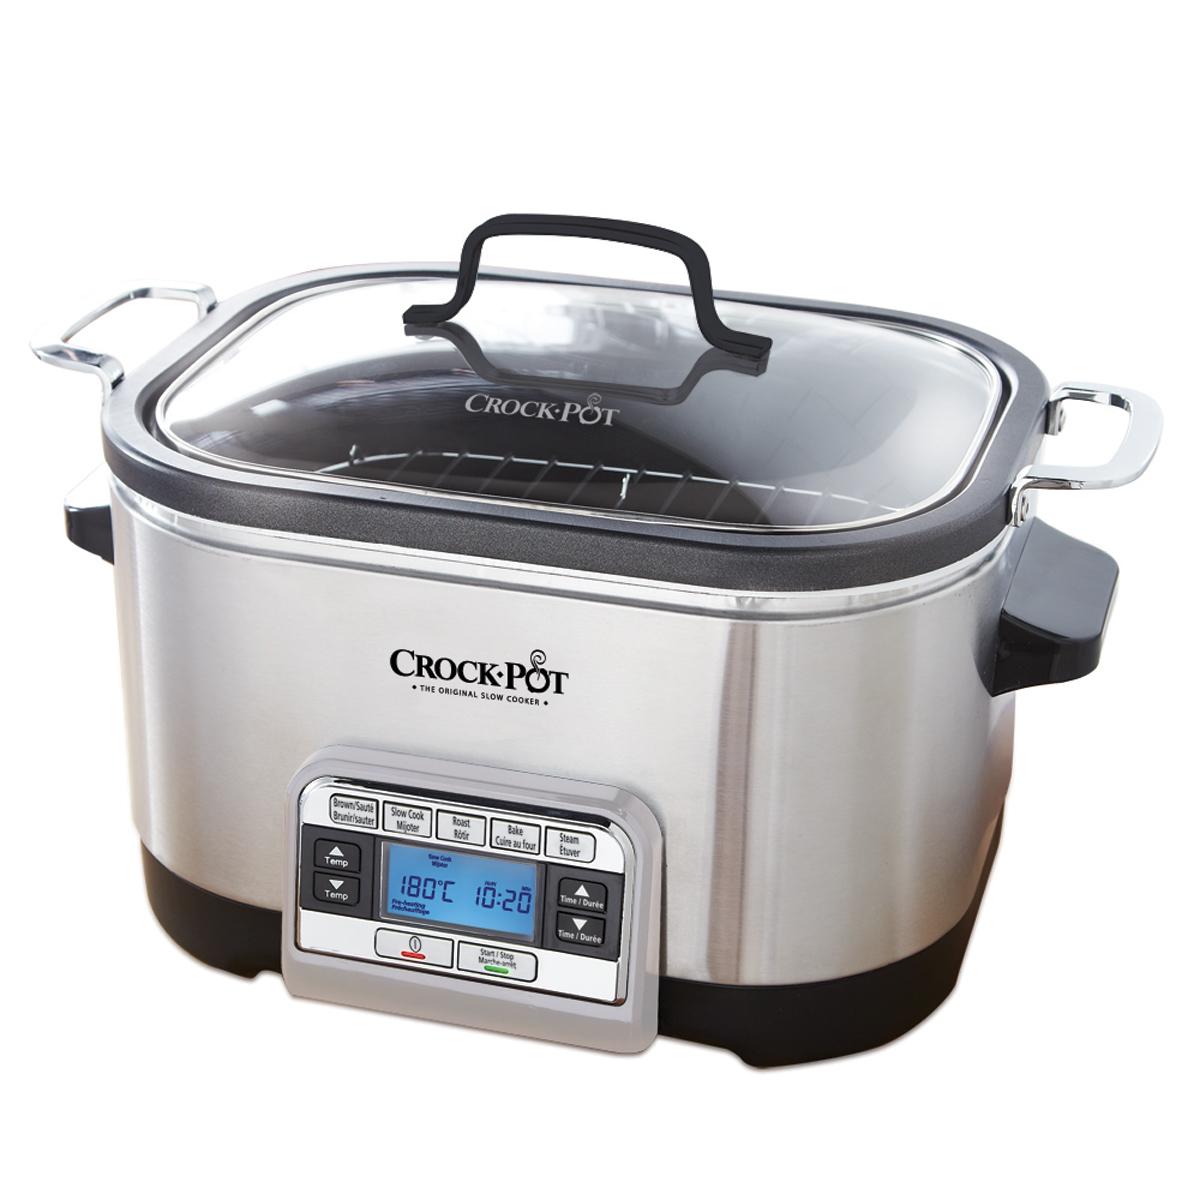 Crock-Pot® 5-in-1 Multi-Cooker in Stainless Steel by Crock-Pot